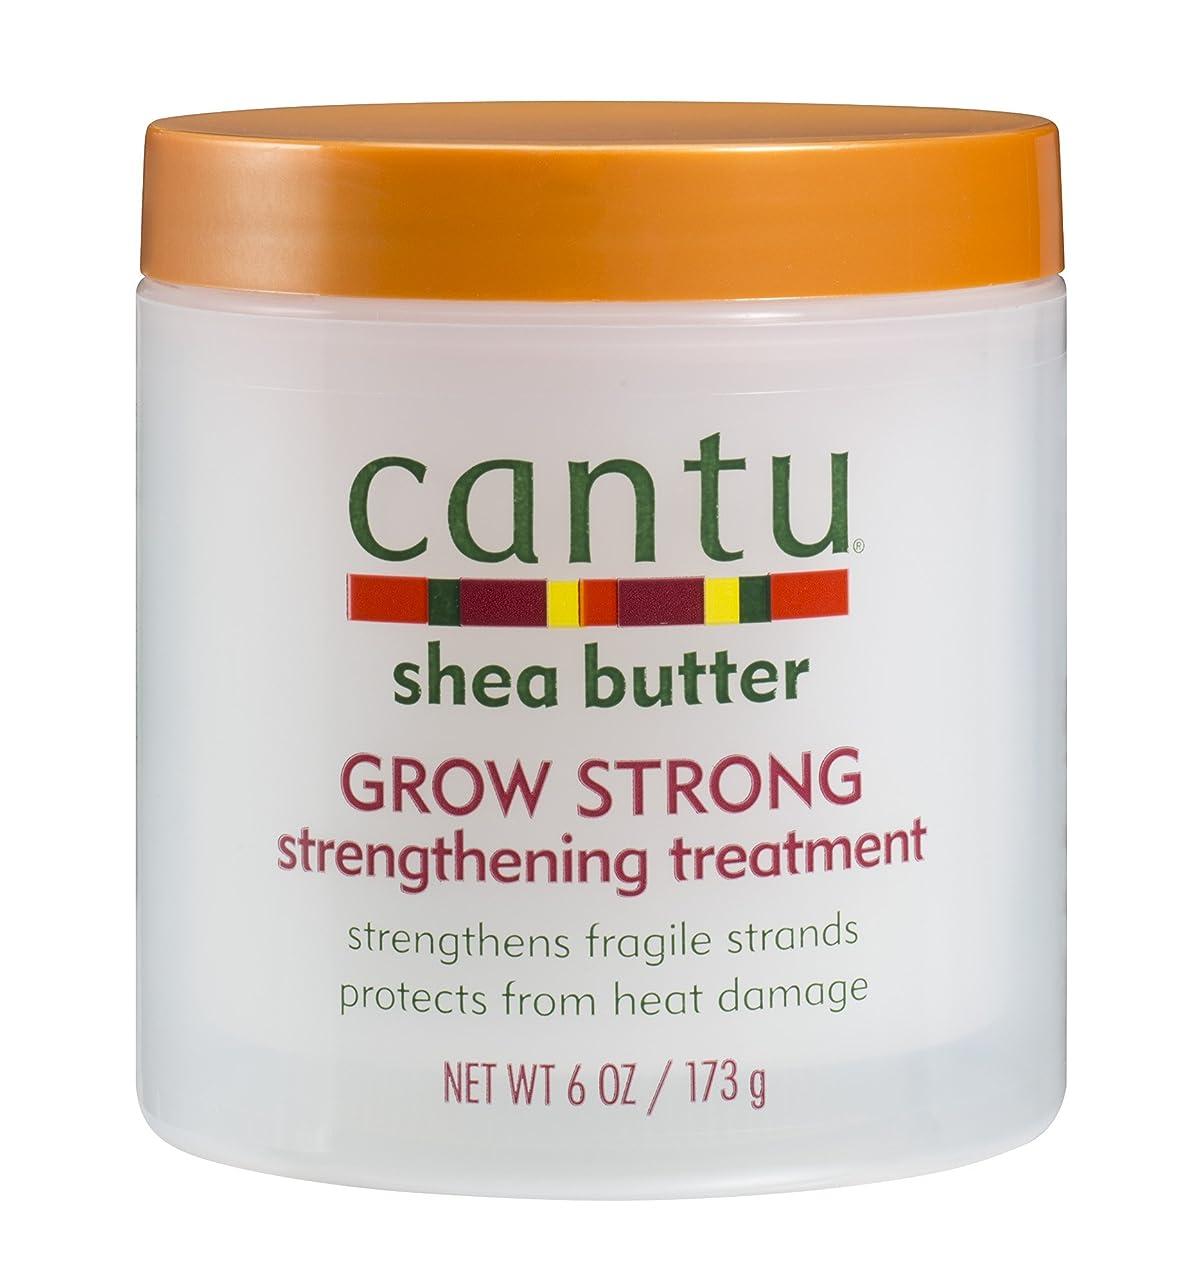 採用するペデスタル耐えられるCantu 6オンス、強力な強化処理を育てます